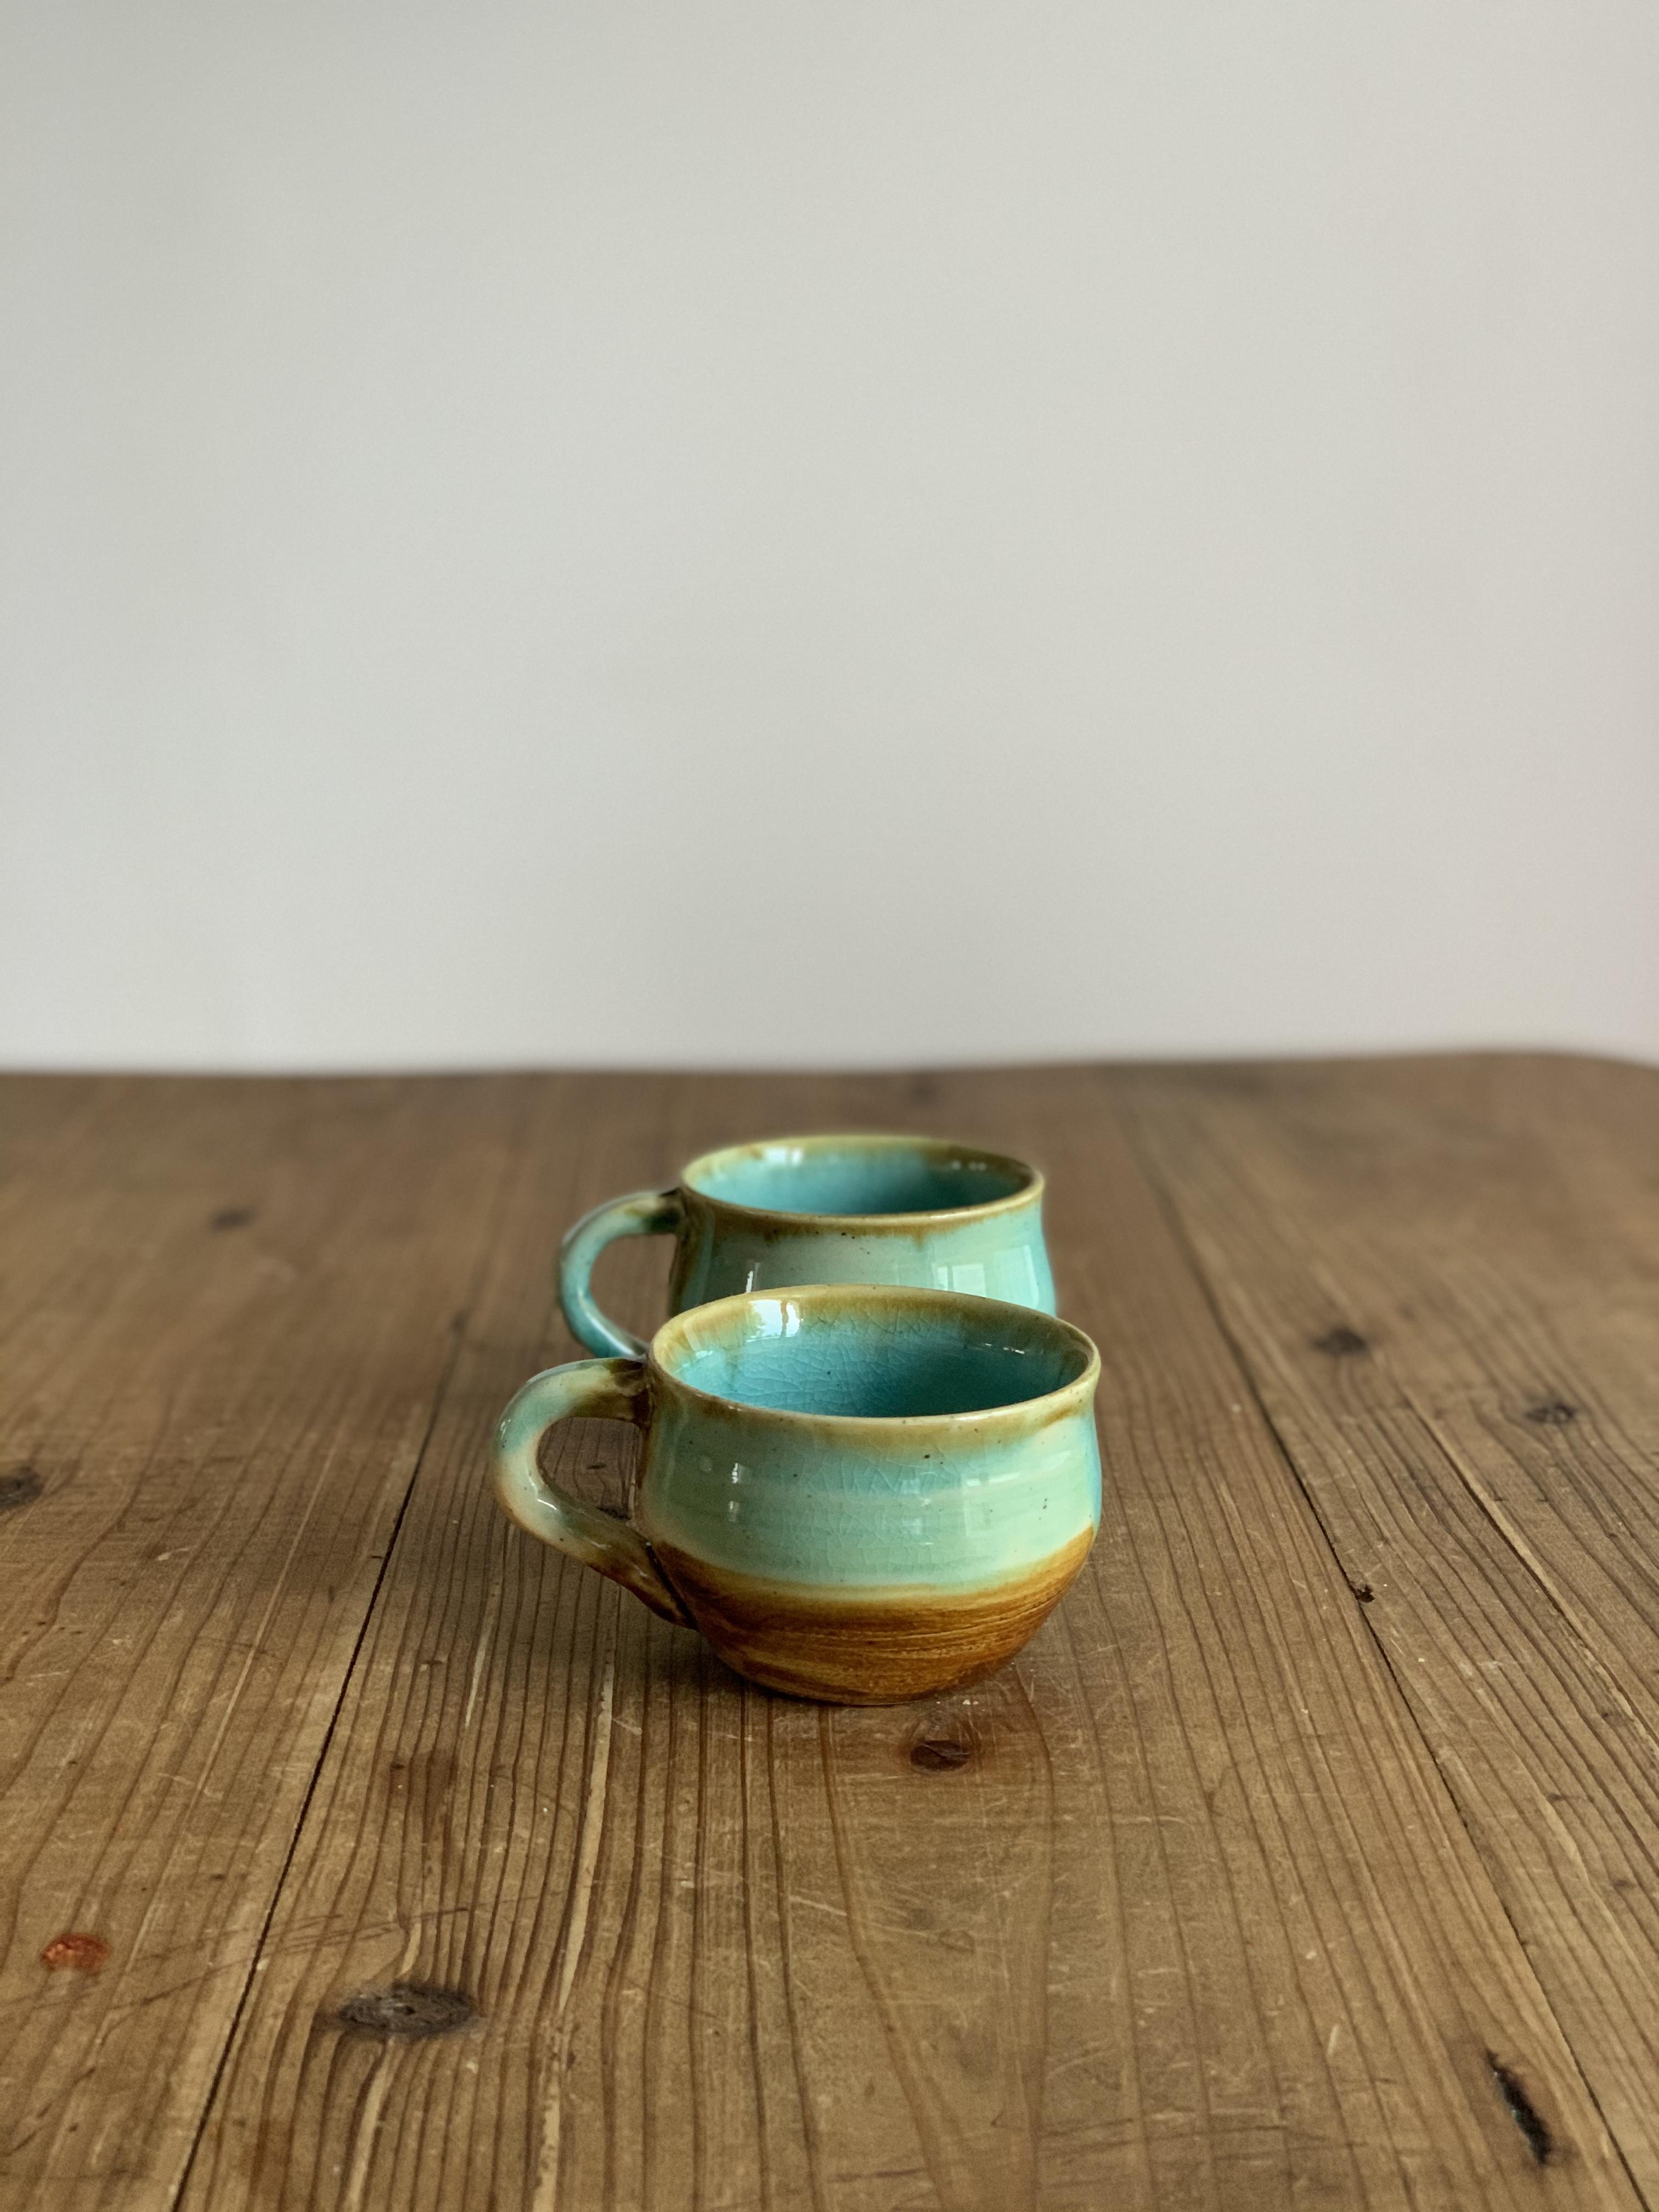 『 Al mare アルマーレ 』43 Pottery caff? カップ